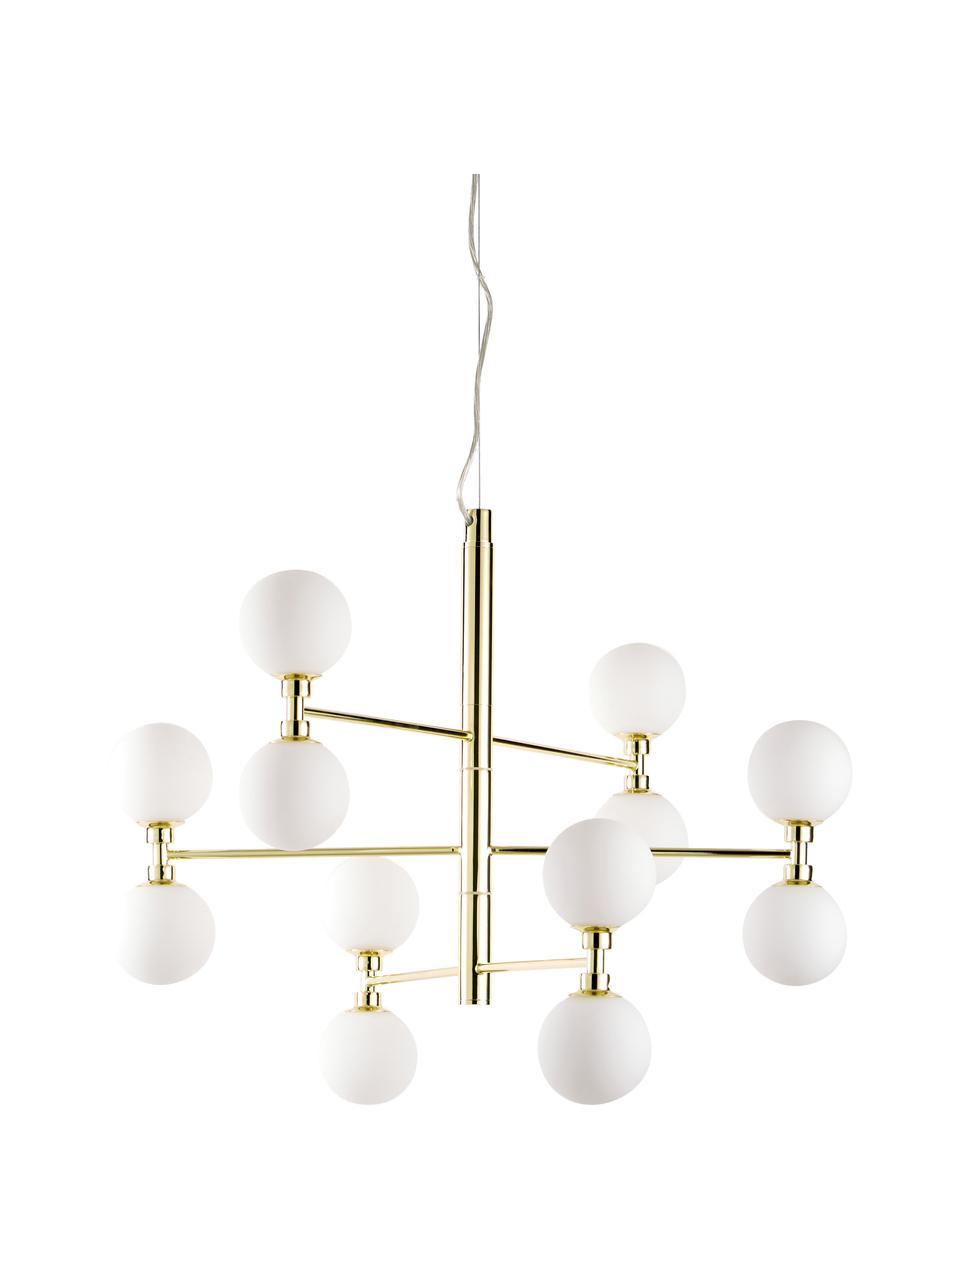 Lampa wisząca ze szklanymi kulami Grover, Odcienie złotego, Ø 70 x W 56 cm